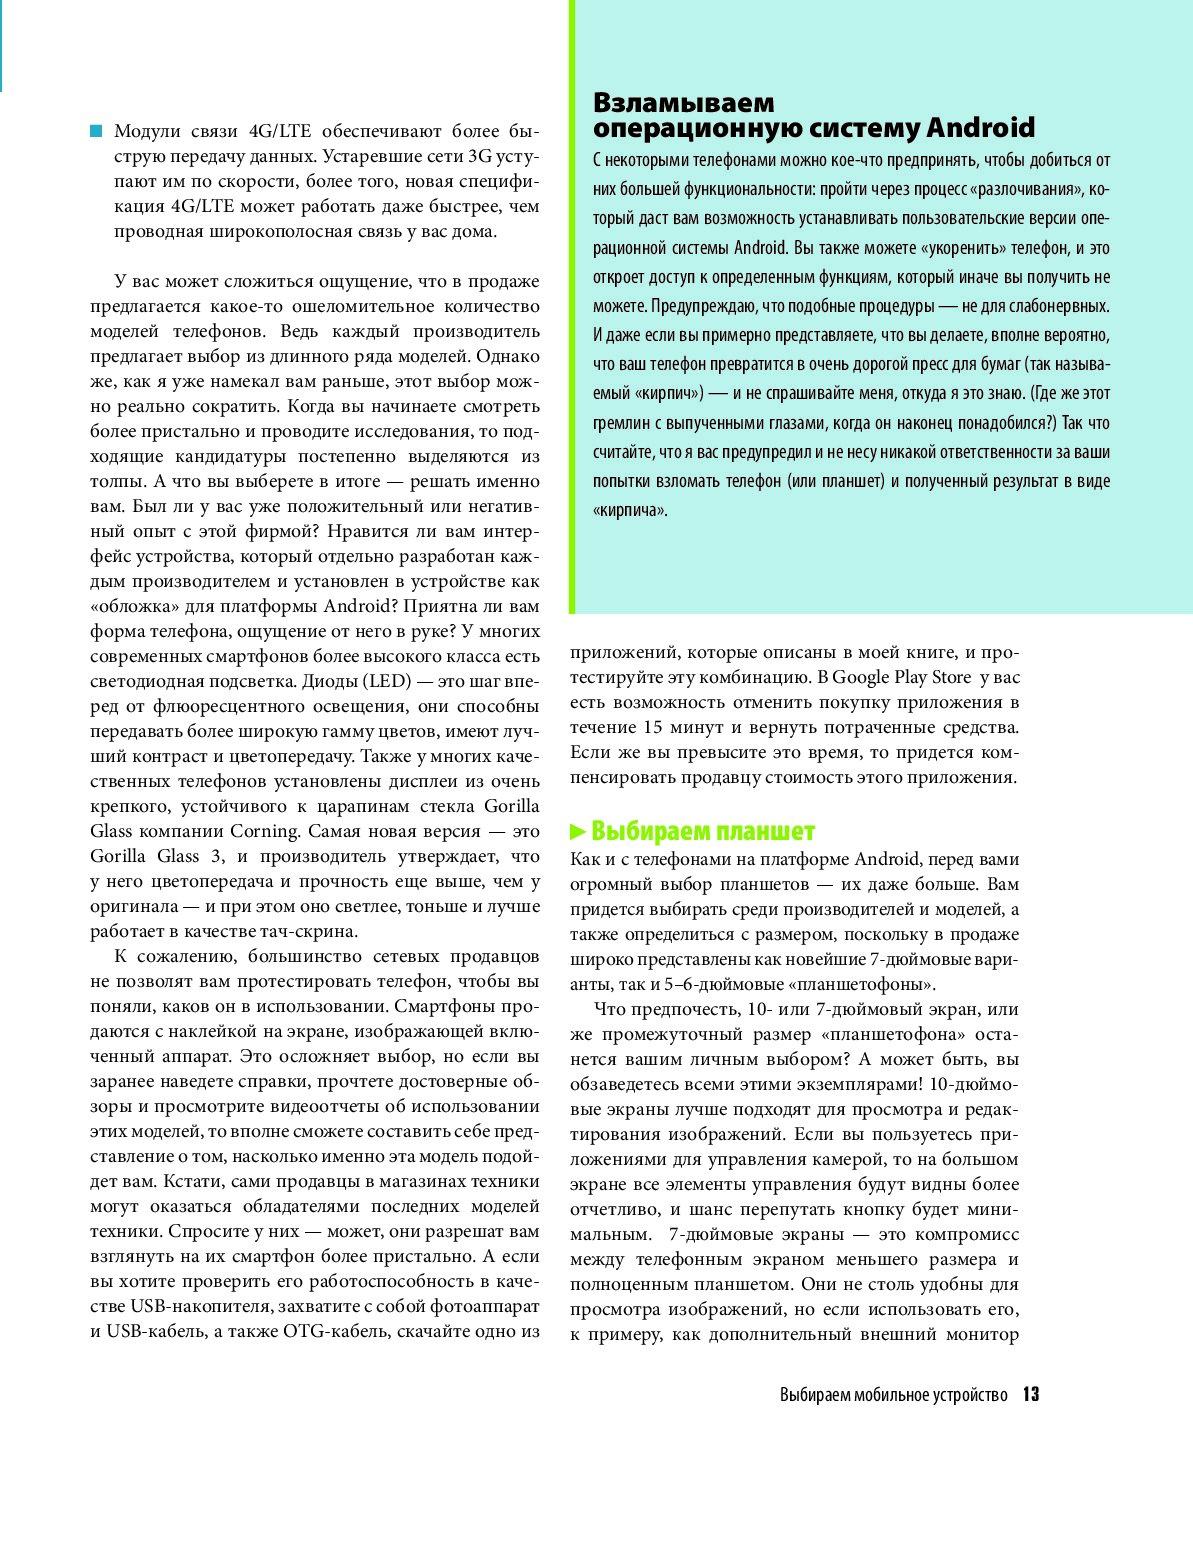 Ст. 46 ч. 1 п. 3 исполнительного производства